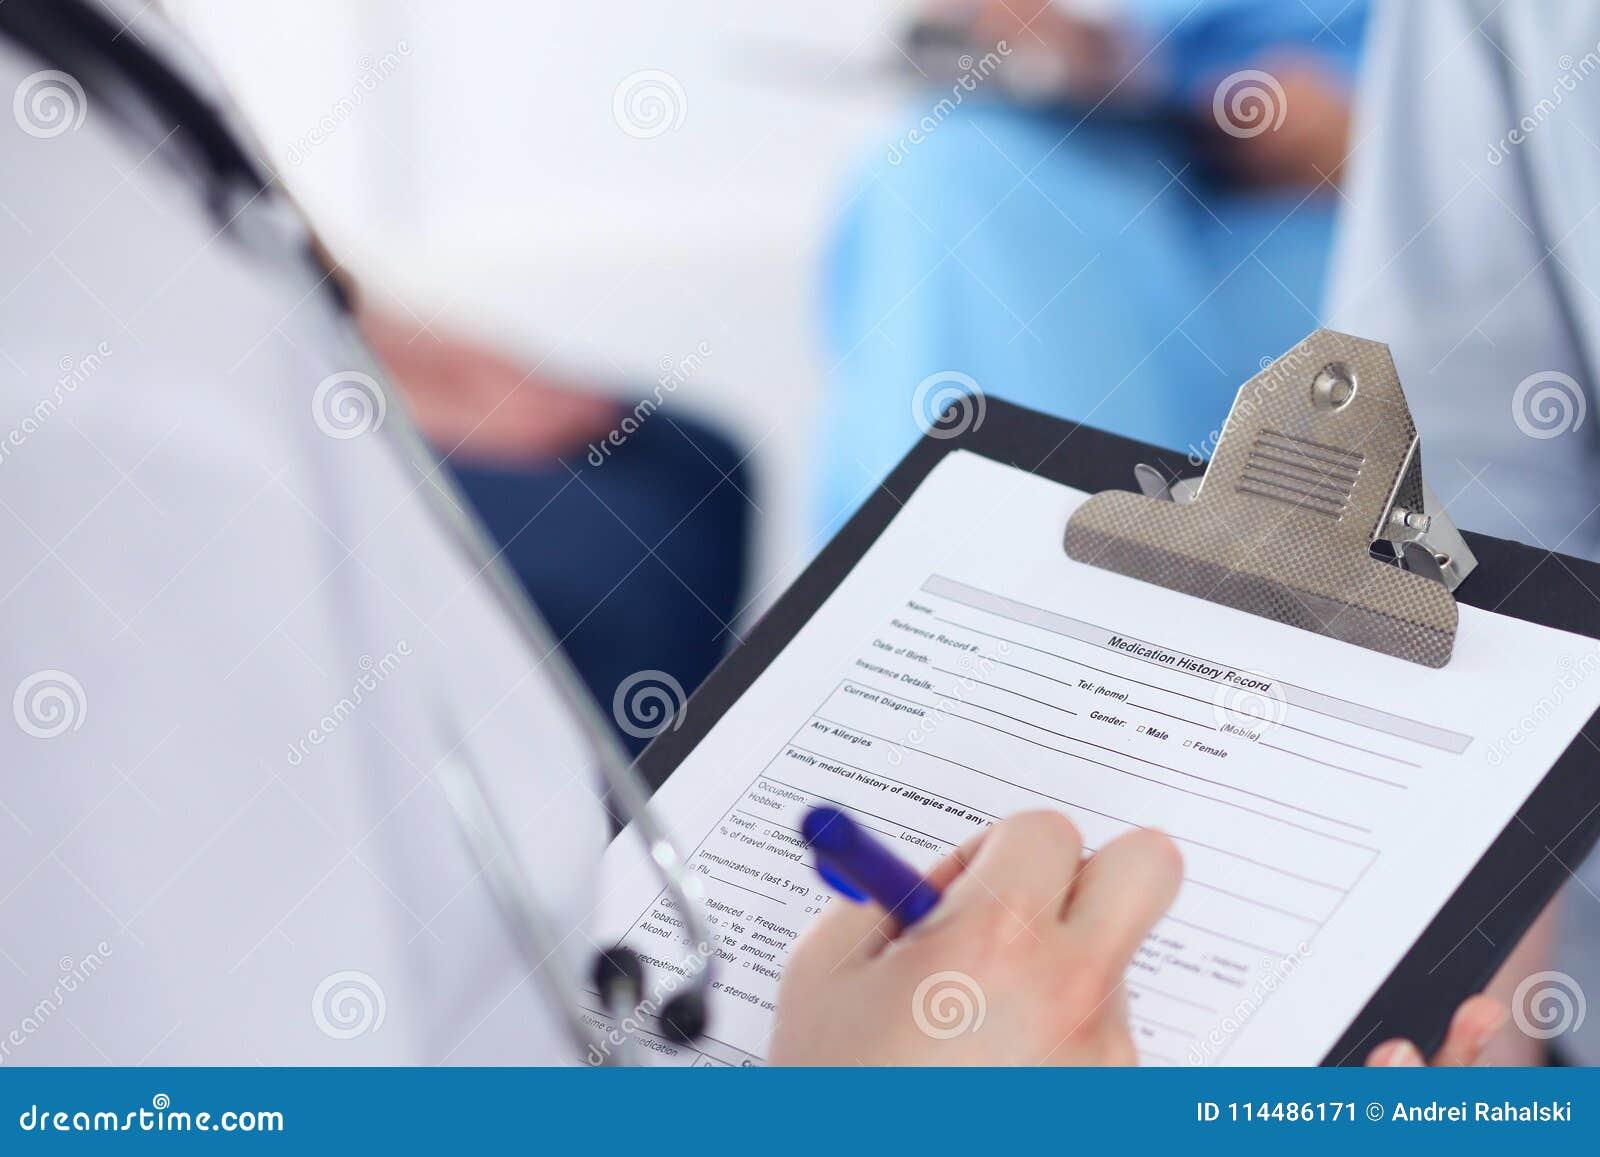 Schließen Sie oben von einer Ärztin, die Anmeldeformular bei der Unterhaltung mit Patienten ergänzt Medizin- und Gesundheitswesen